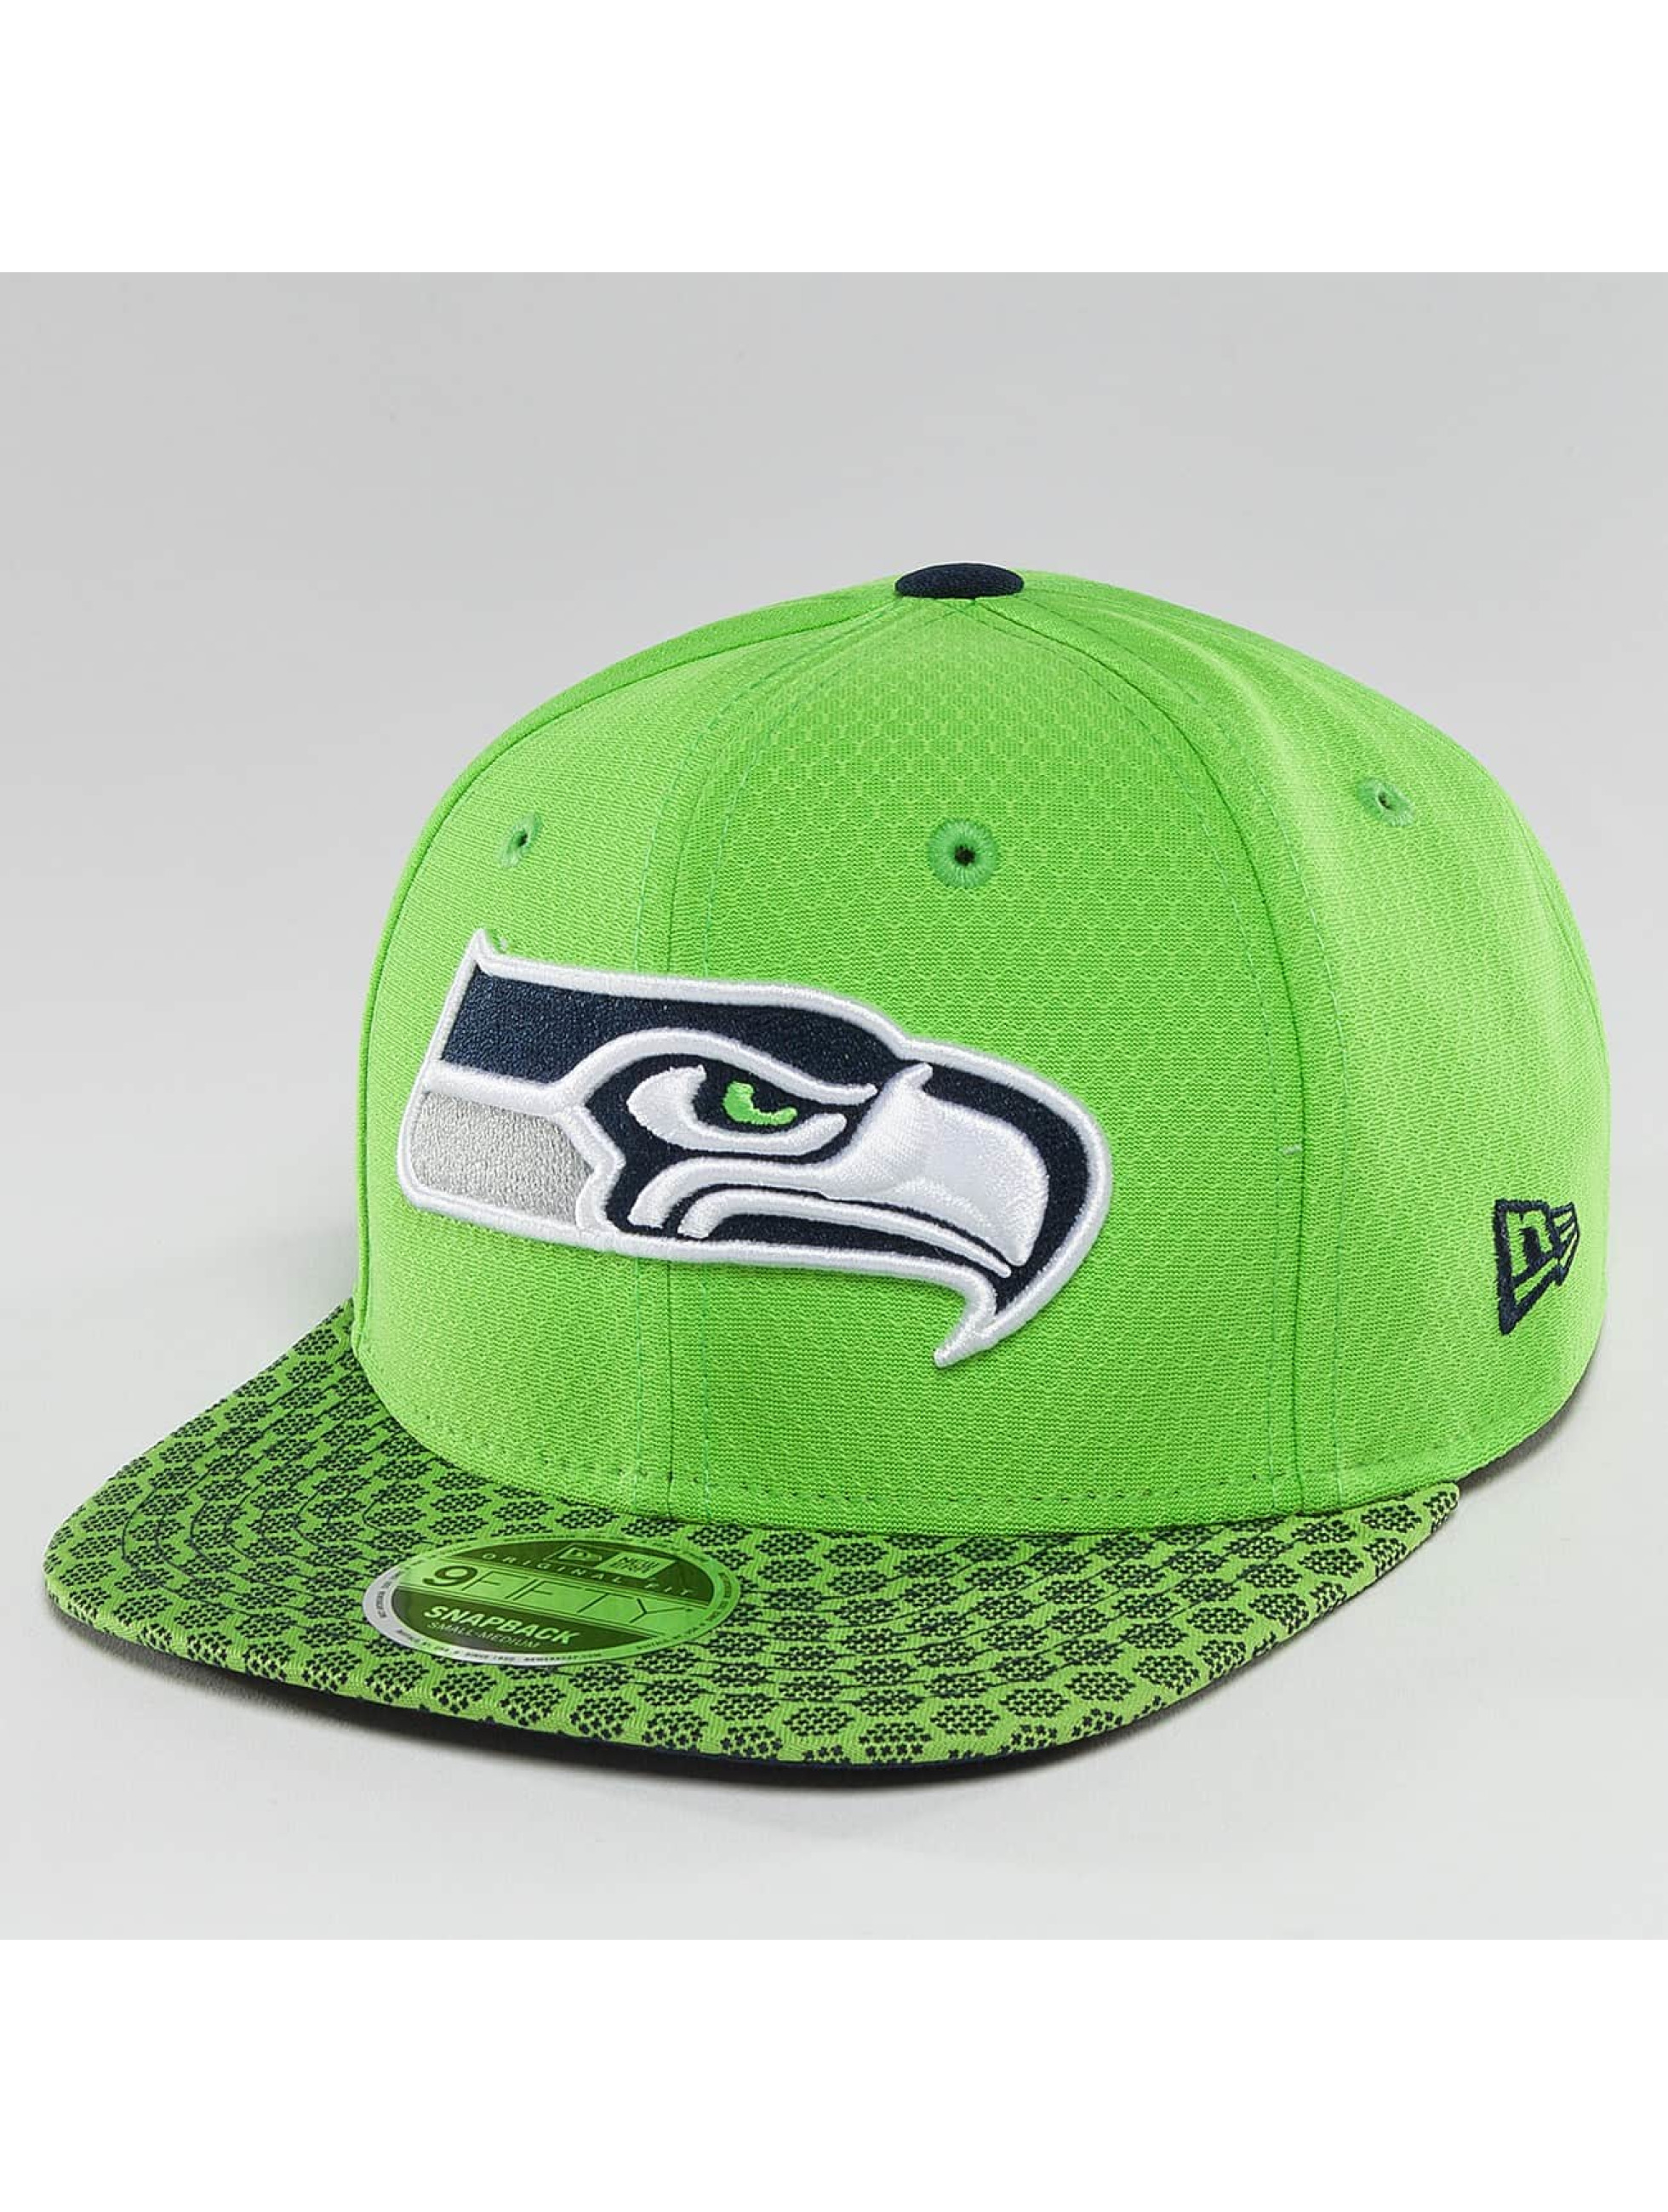 New Era Snapback Cap NFL On Field Seattle Seahawks 9Fifty green